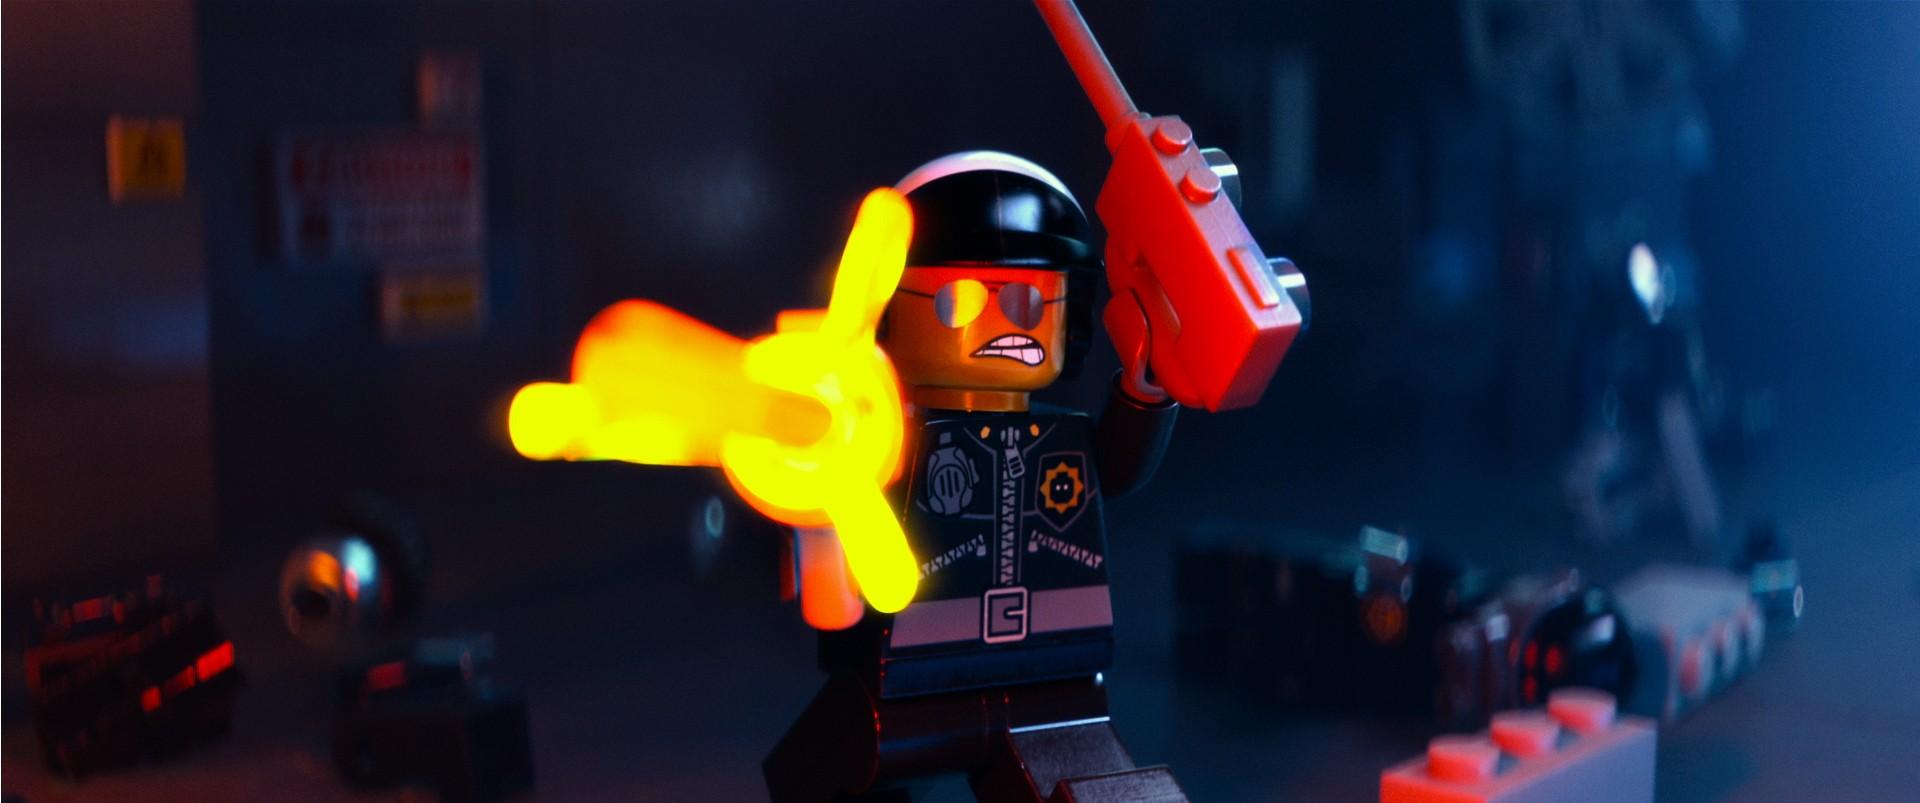 Лего. Фильм, кадр № 6